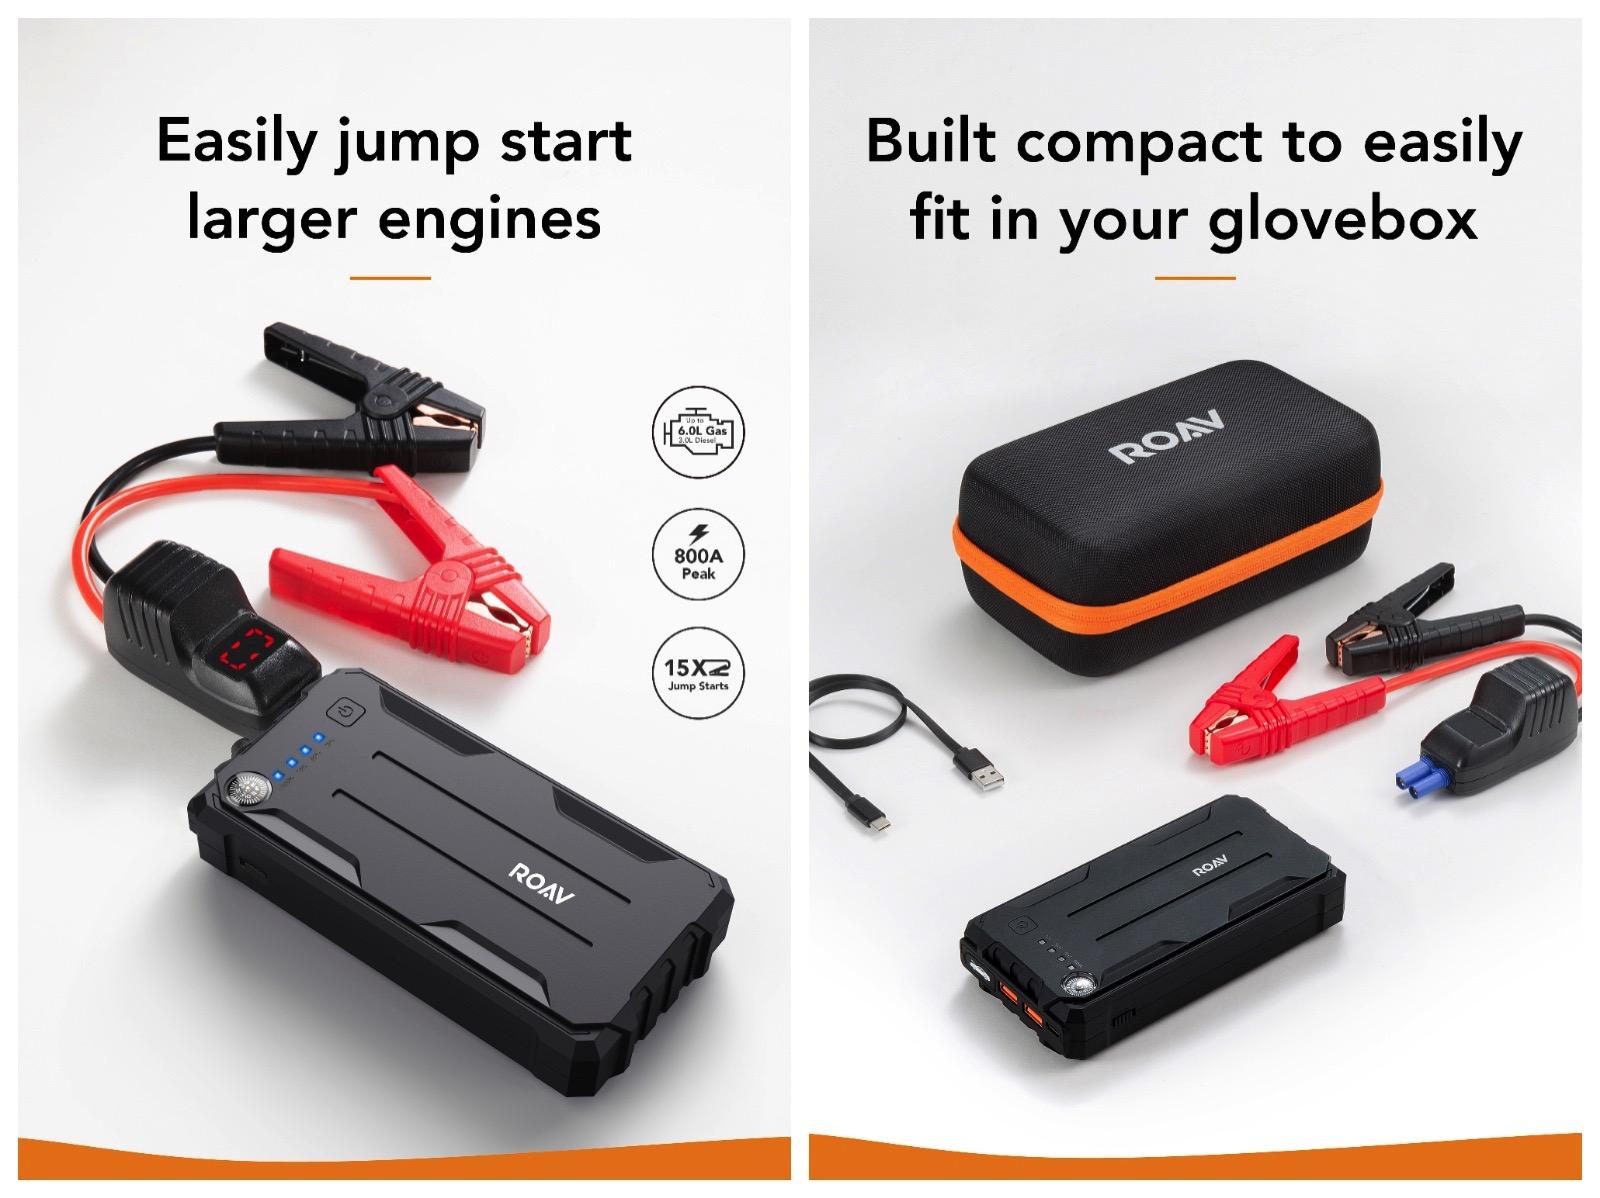 Anker Roav Jumpstarter Pro 2